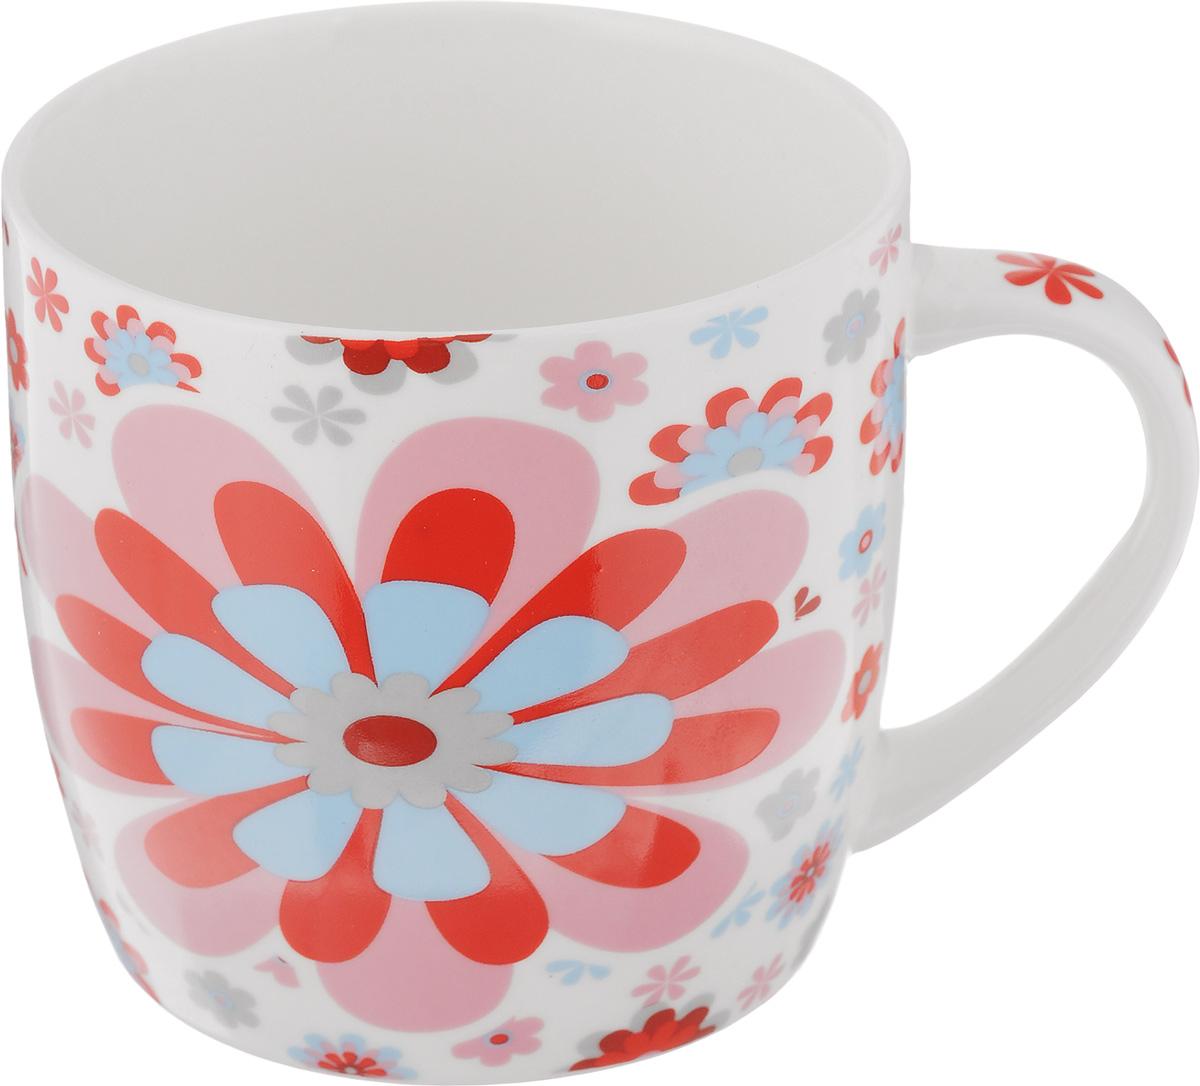 Кружка Loraine, цвет: белый, розовый, голубой, 320 мл. 2448324483_розовый, голубойОригинальная кружка Loraine выполнена из высококачественного фарфора и оформлена красочным рисунком. Она станет отличным дополнением к сервировке семейного стола и замечательным подарком для ваших родных и друзей. Диаметр кружки (по верхнему краю): 8,5 см.